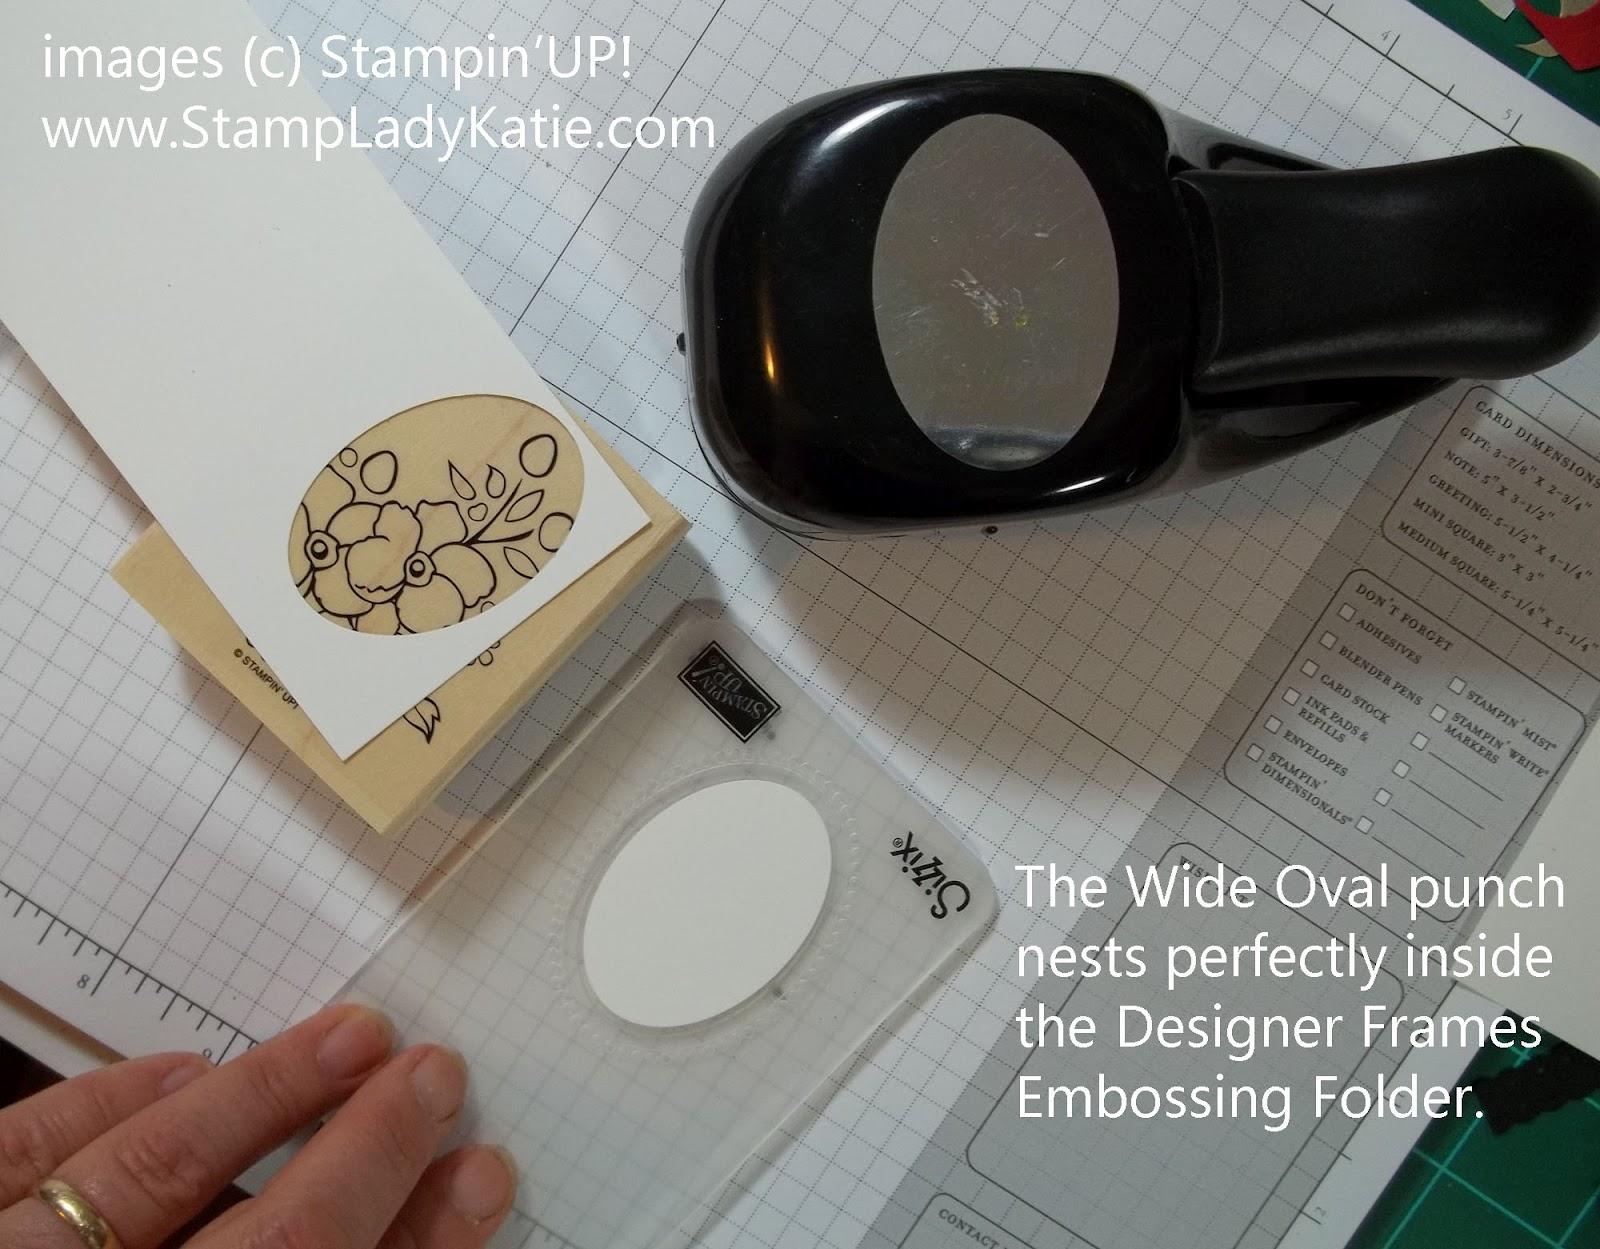 http://2.bp.blogspot.com/-r8q-qE-PDUc/T-qbprjiDOI/AAAAAAAACVQ/NjGrQrD8JrE/s1600/coordinatedProducts-StampLadyKatie.jpg